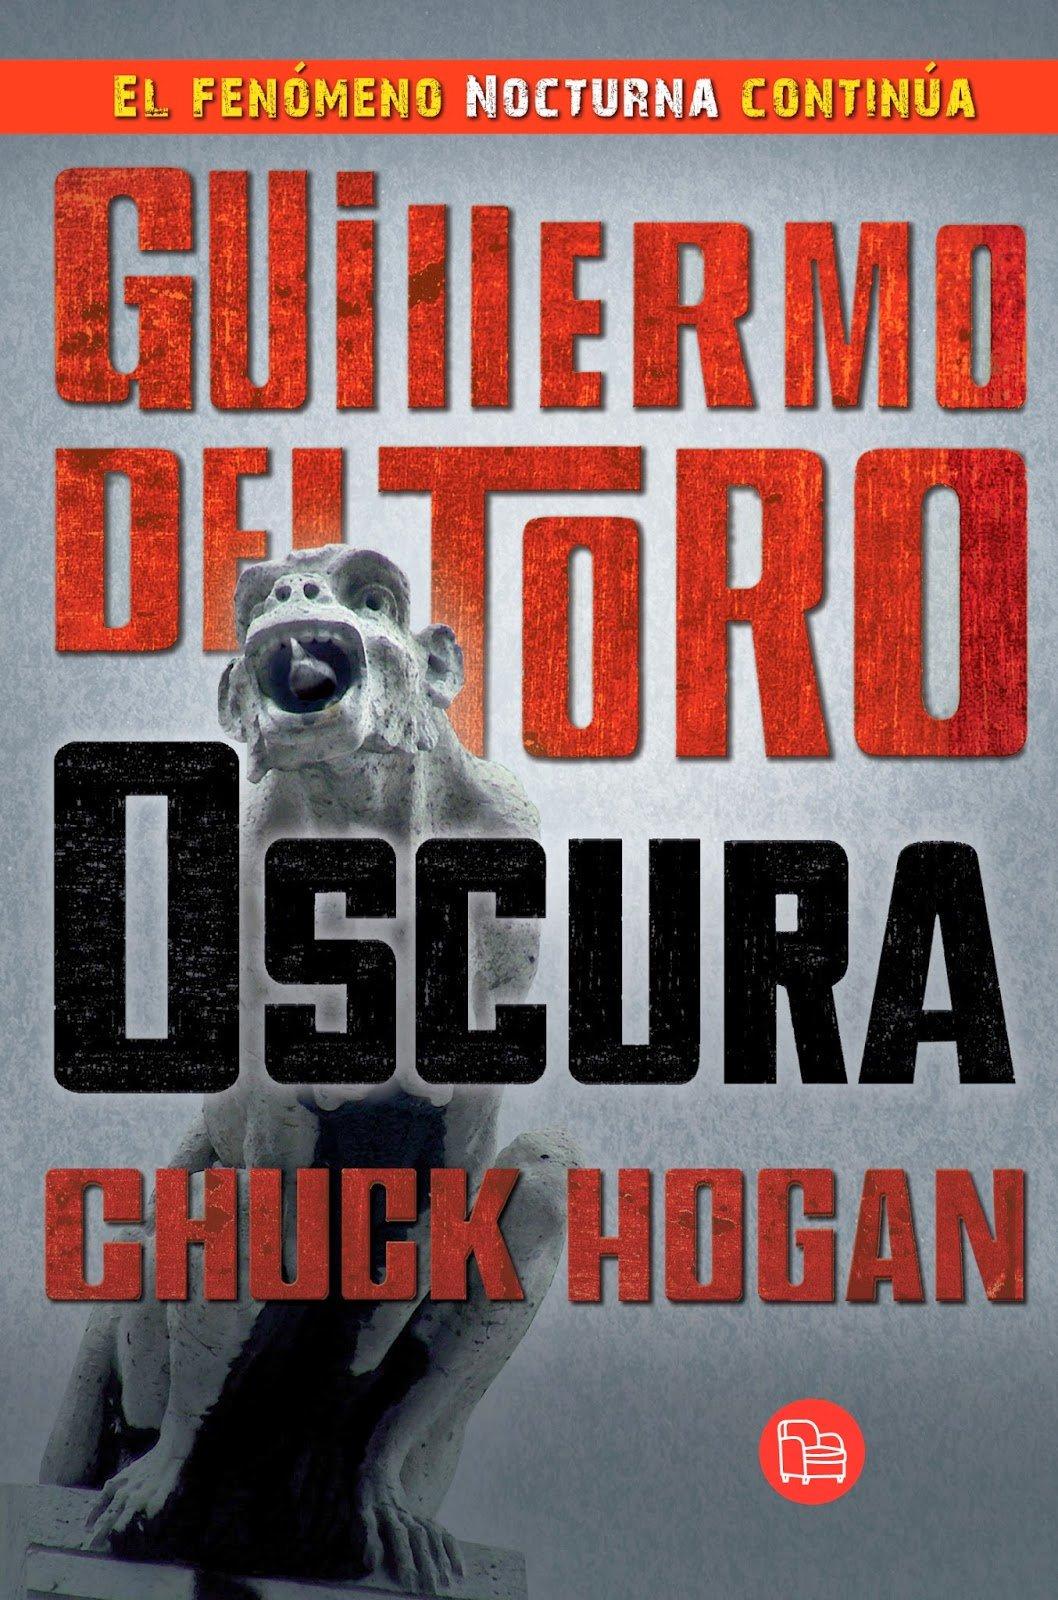 Oscura de Guillermo del Toro y Chuck Hogan